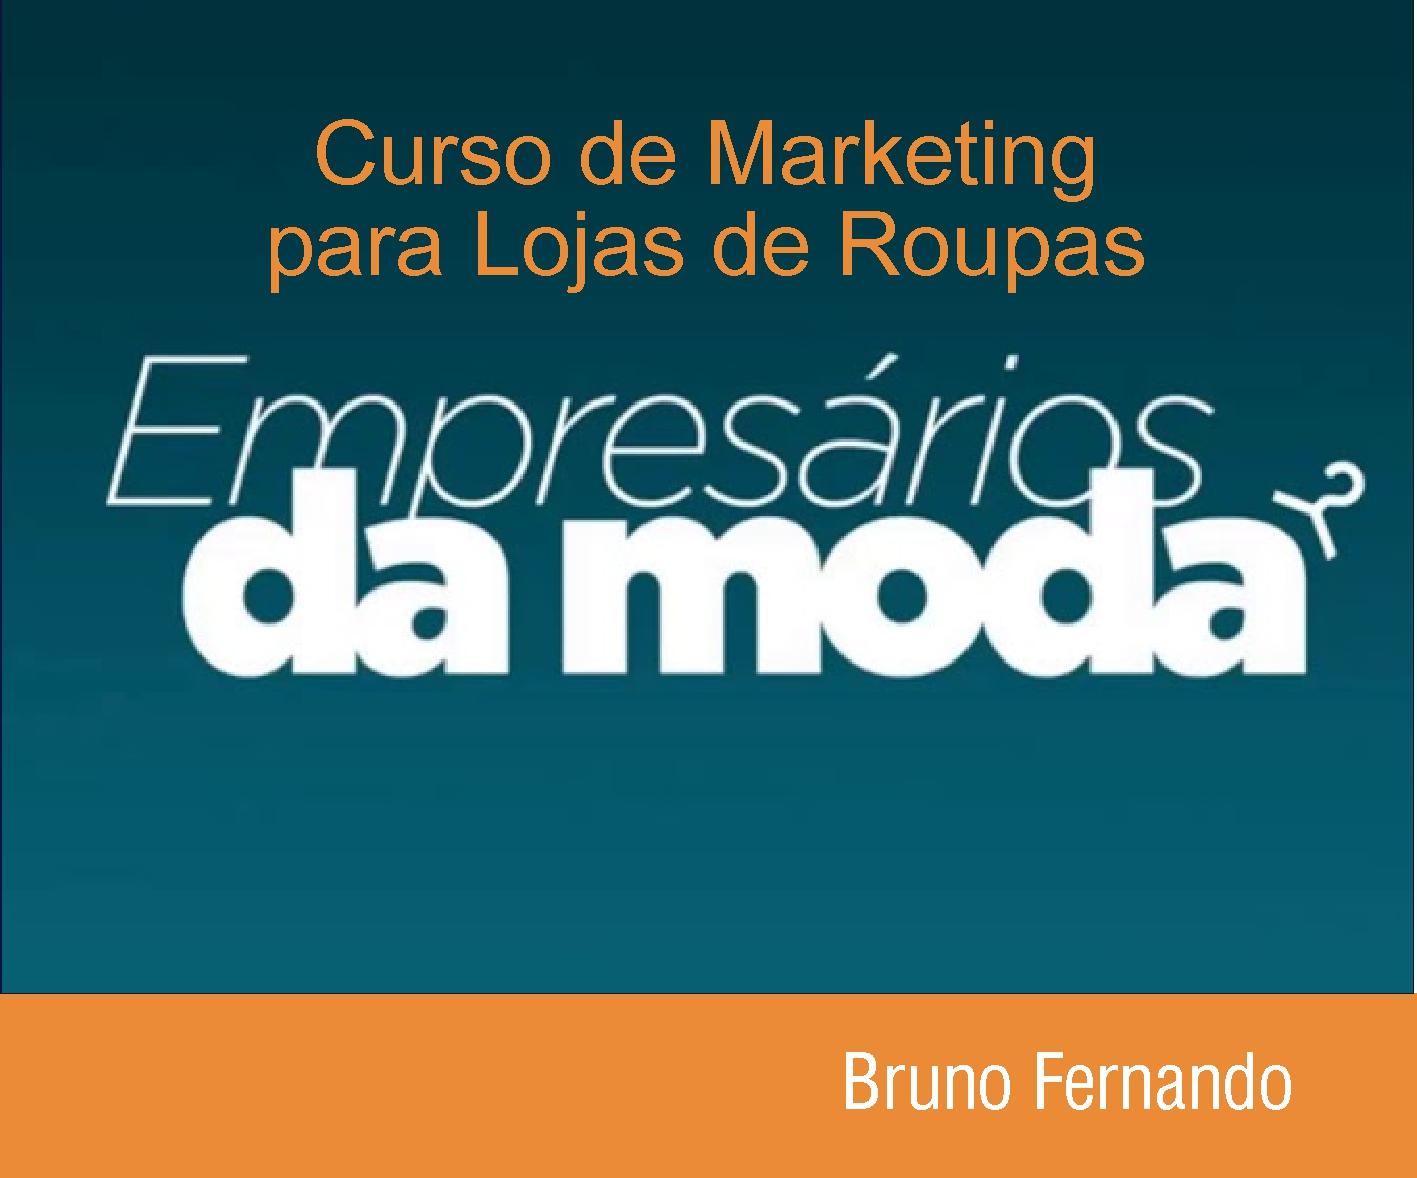 CURSO DE MARKETING PARA LOJAS DE ROUPAS